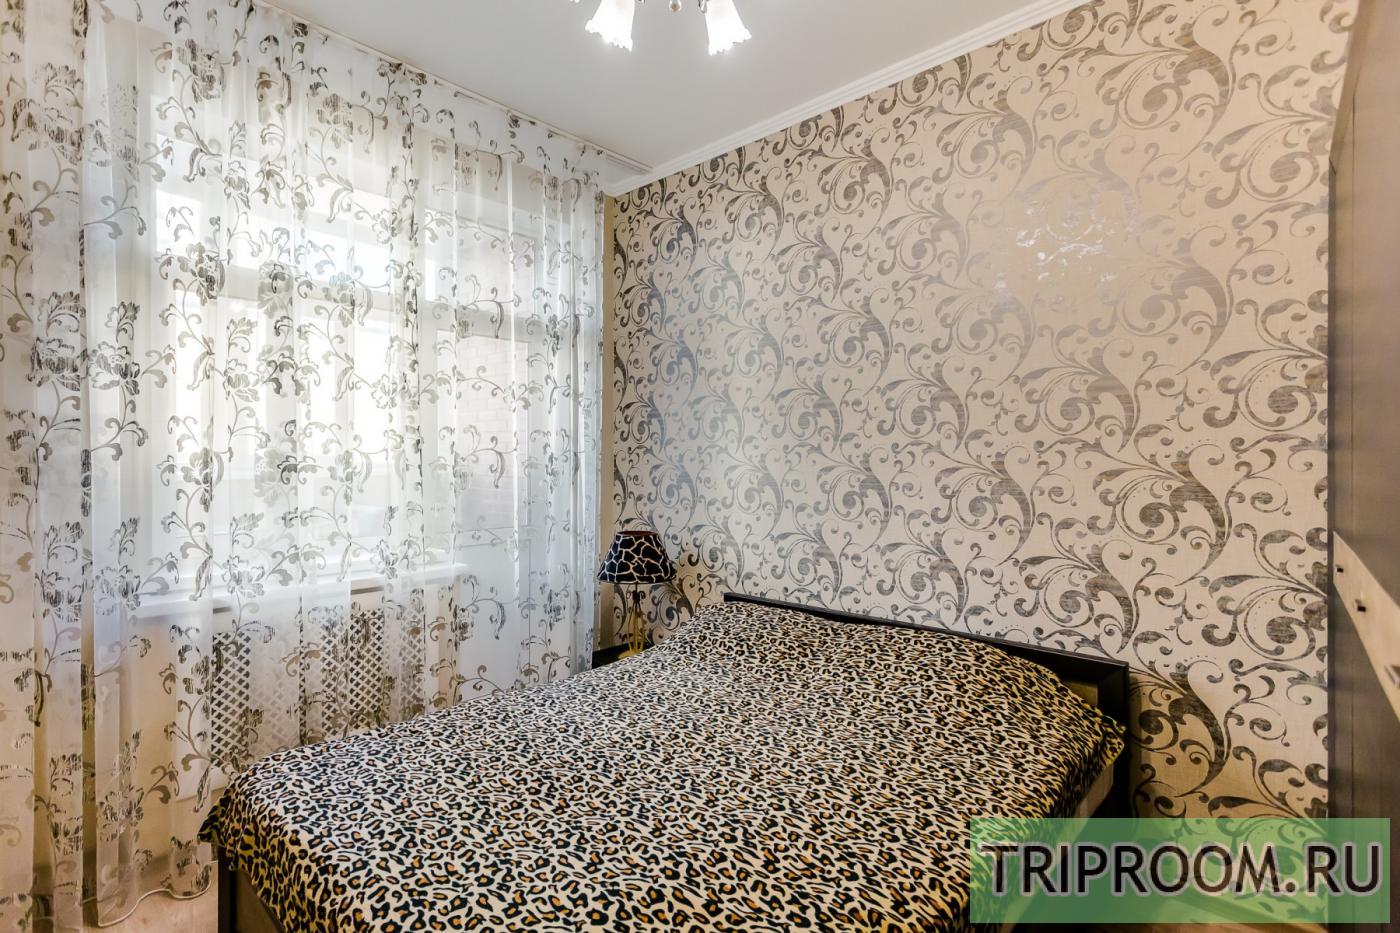 3-комнатная квартира посуточно (вариант № 23511), ул. Красноармейская улица, фото № 27